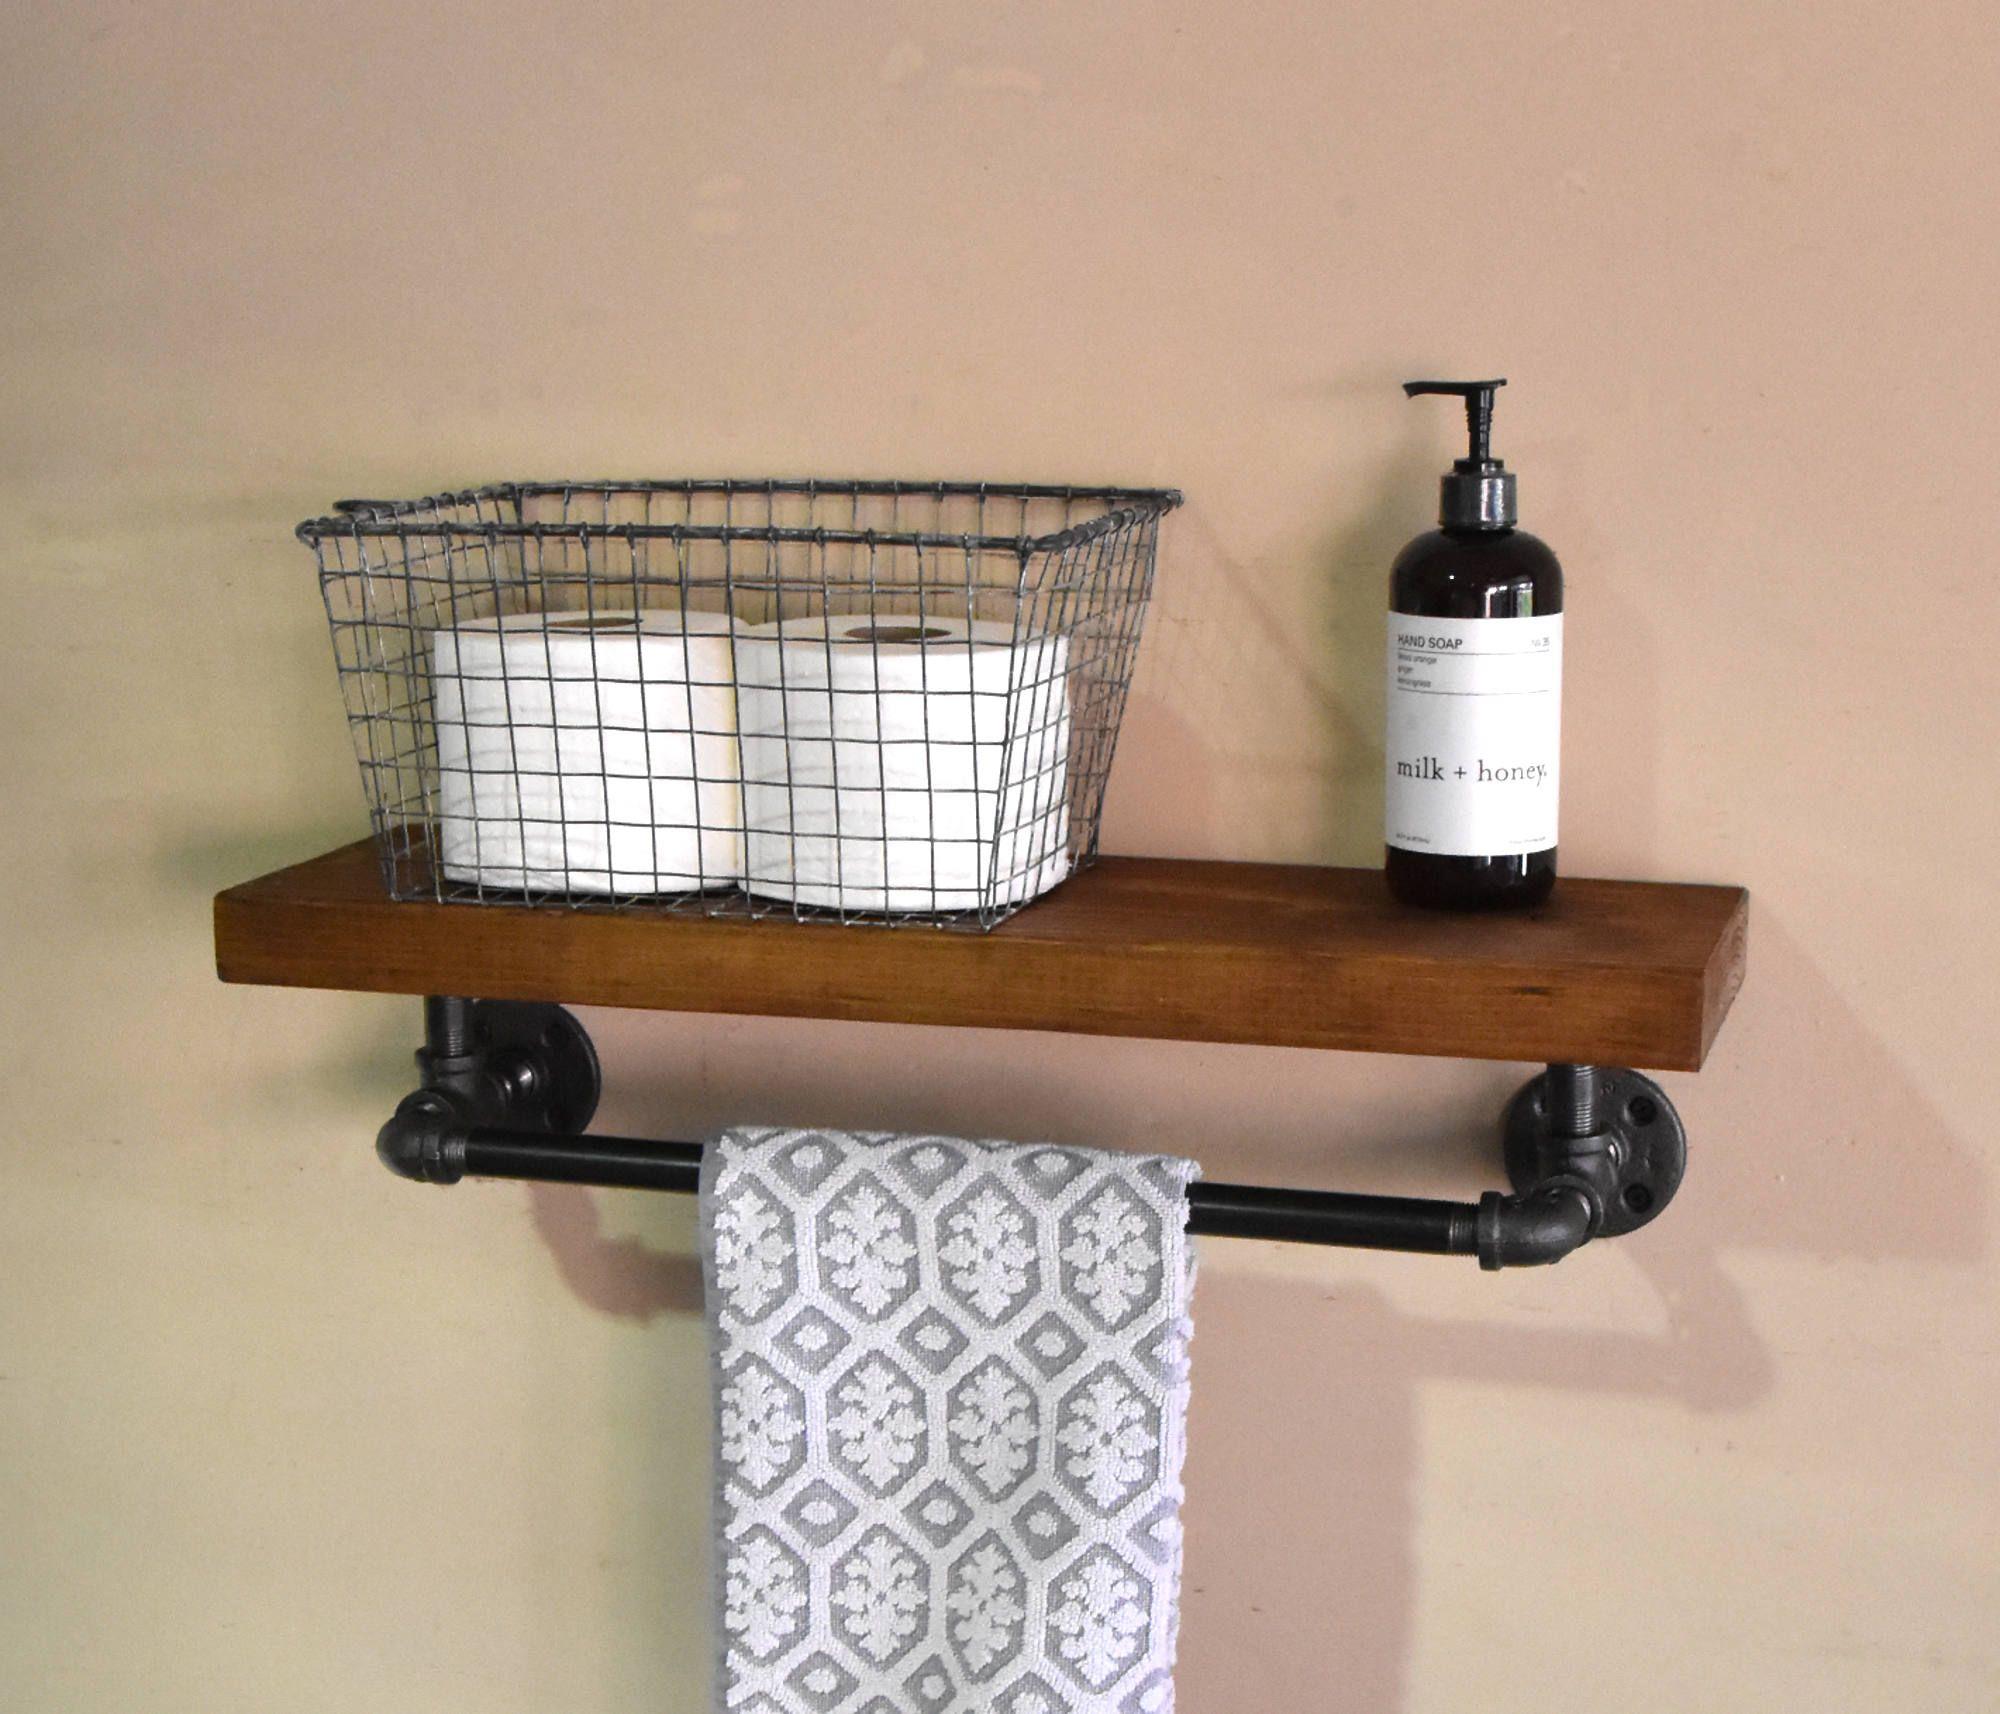 Bathroom Floating Shelve Towel Rack Industrial Floating Shelf With Towel Bar Rust Rustic Bathroom Shelves Rustic Floating Shelves Floating Shelves Bathroom